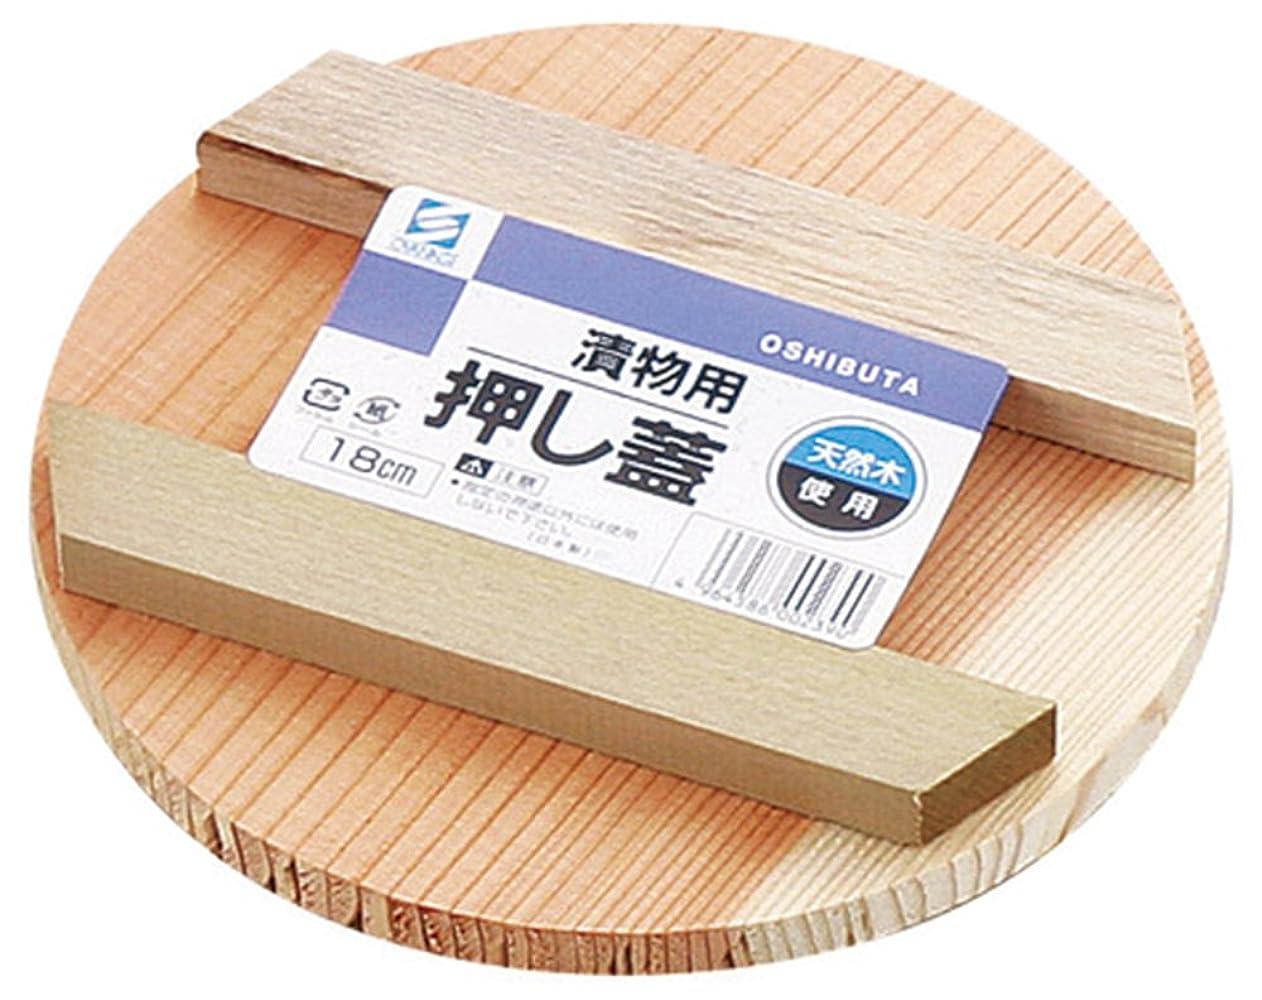 アンドリューハリディ起こりやすいきゅうり小柳産業 漬物用押しぶた 18cm 10042